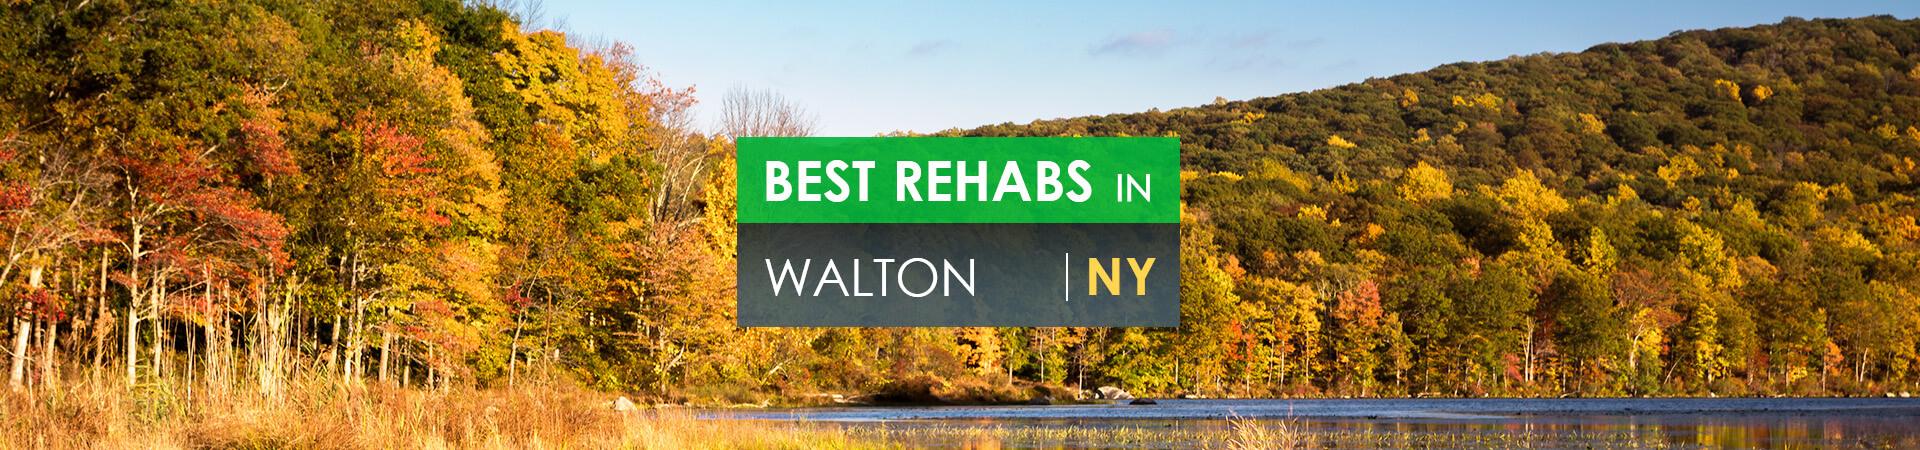 Best rehabs in Walton, NY